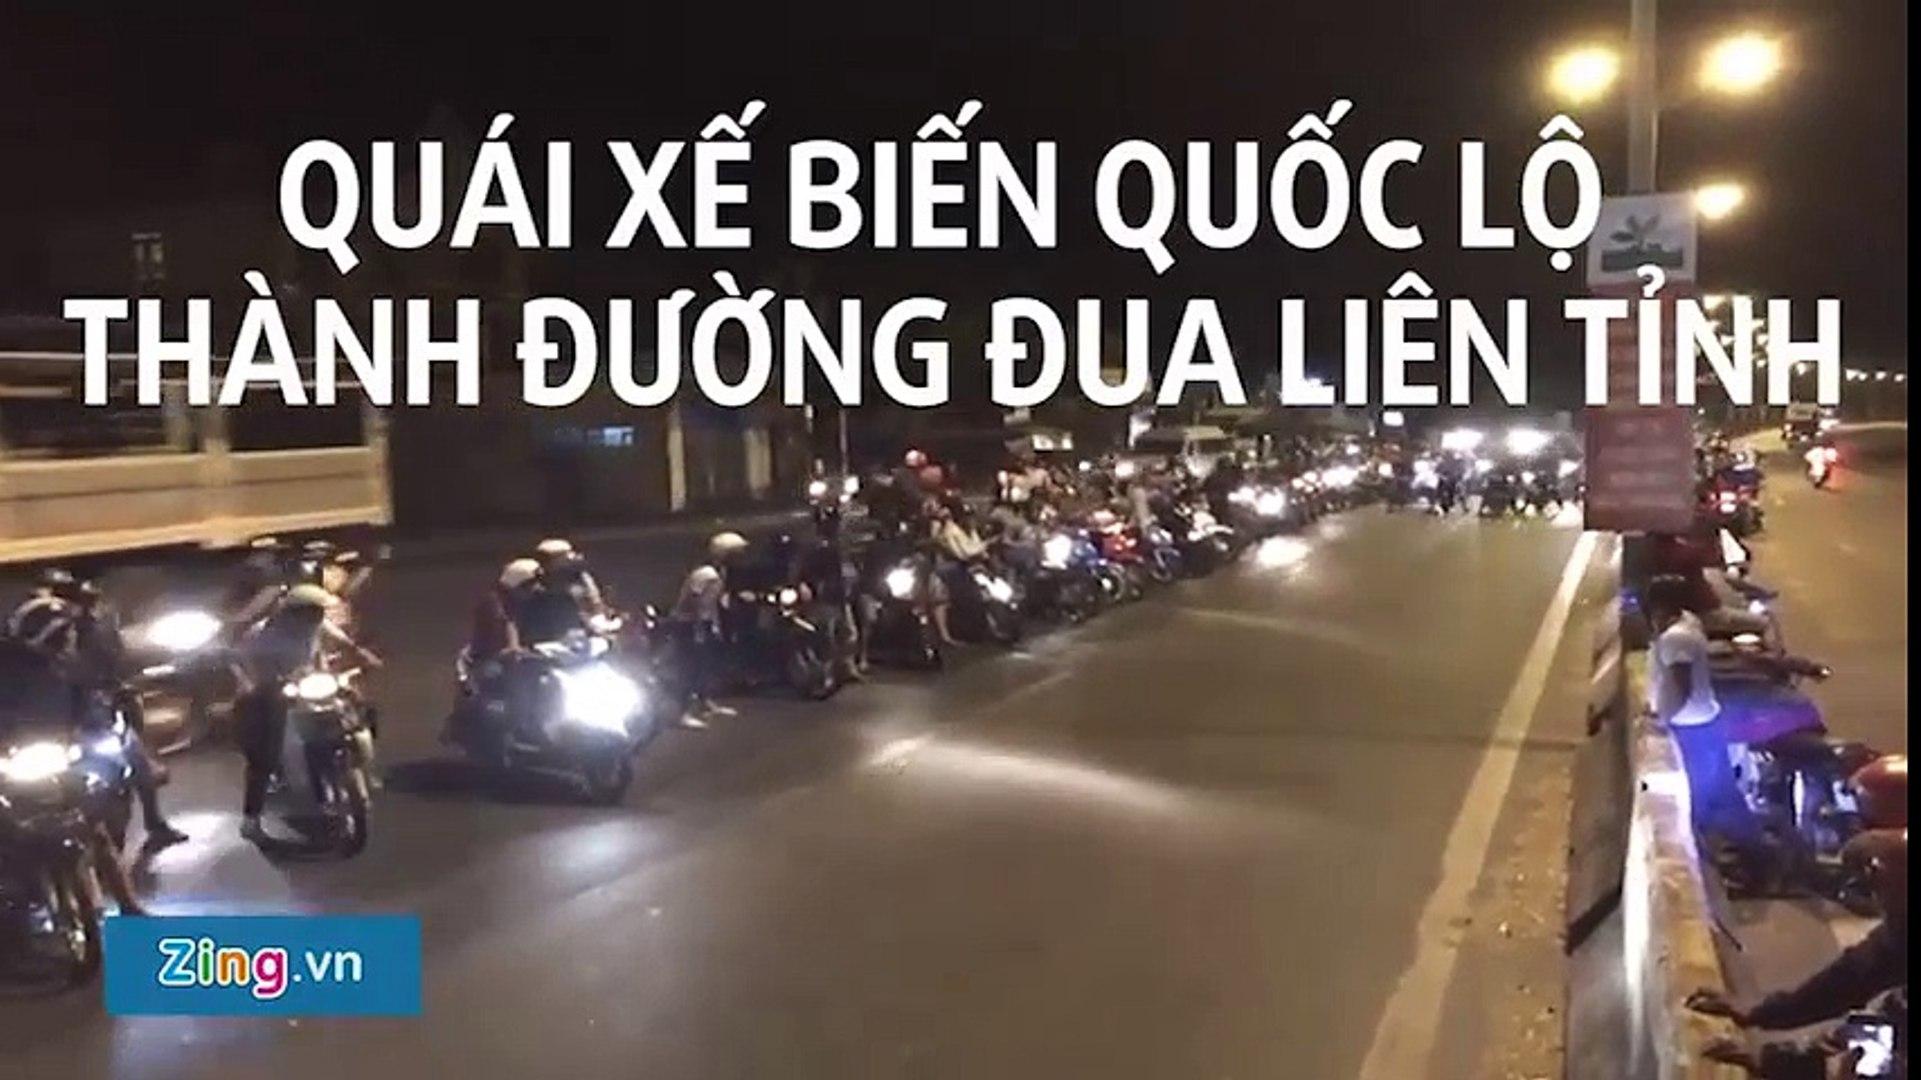 hoảng hồn với clip hàng trăm quái xế đua xe trong đêm ngay trên quốc lộ